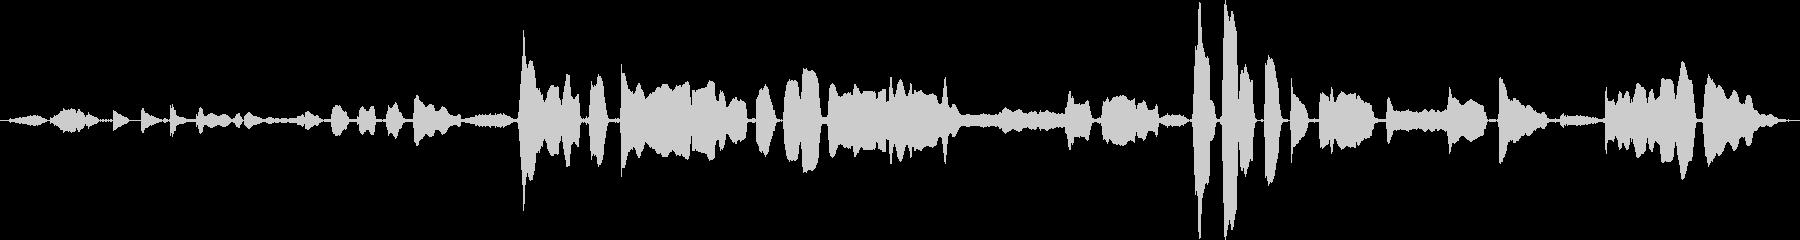 鳴き声 女性歌うジャズインプロ02の未再生の波形